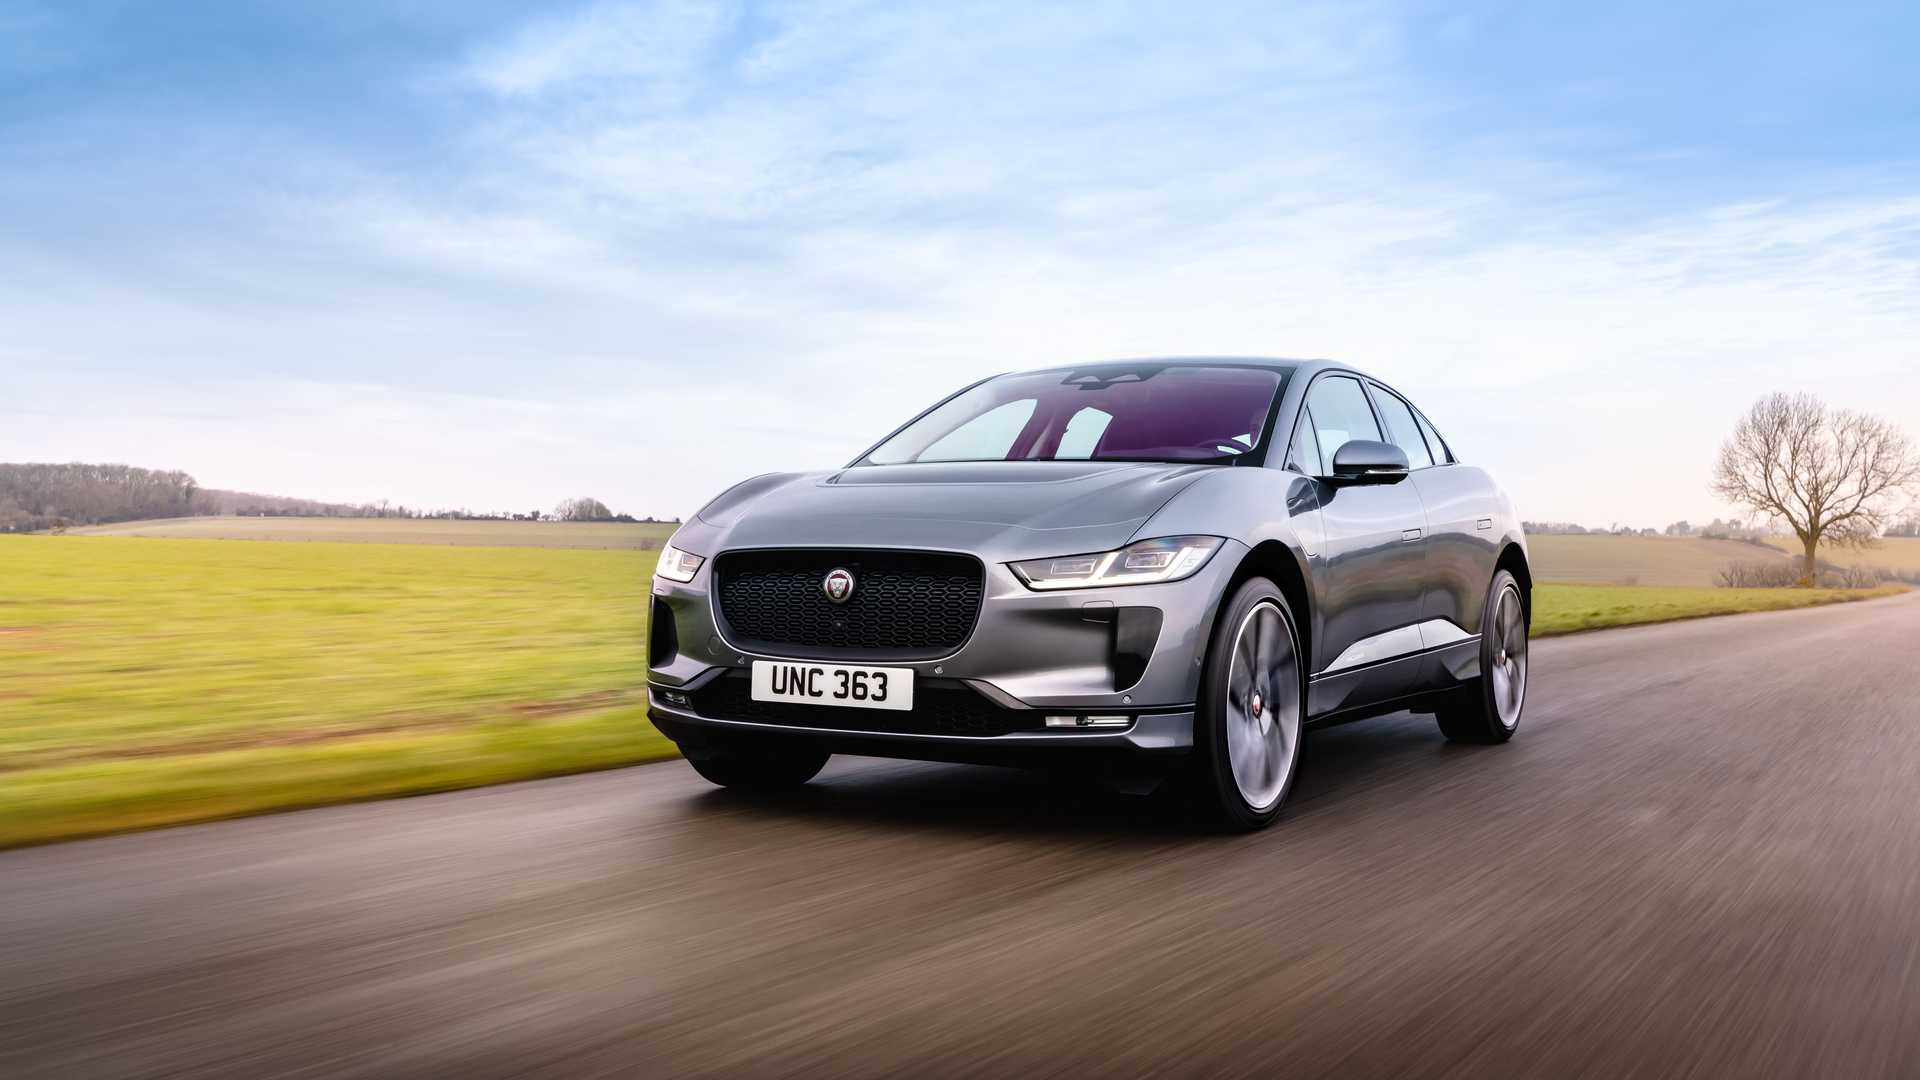 2022 Jaguar I-PACE